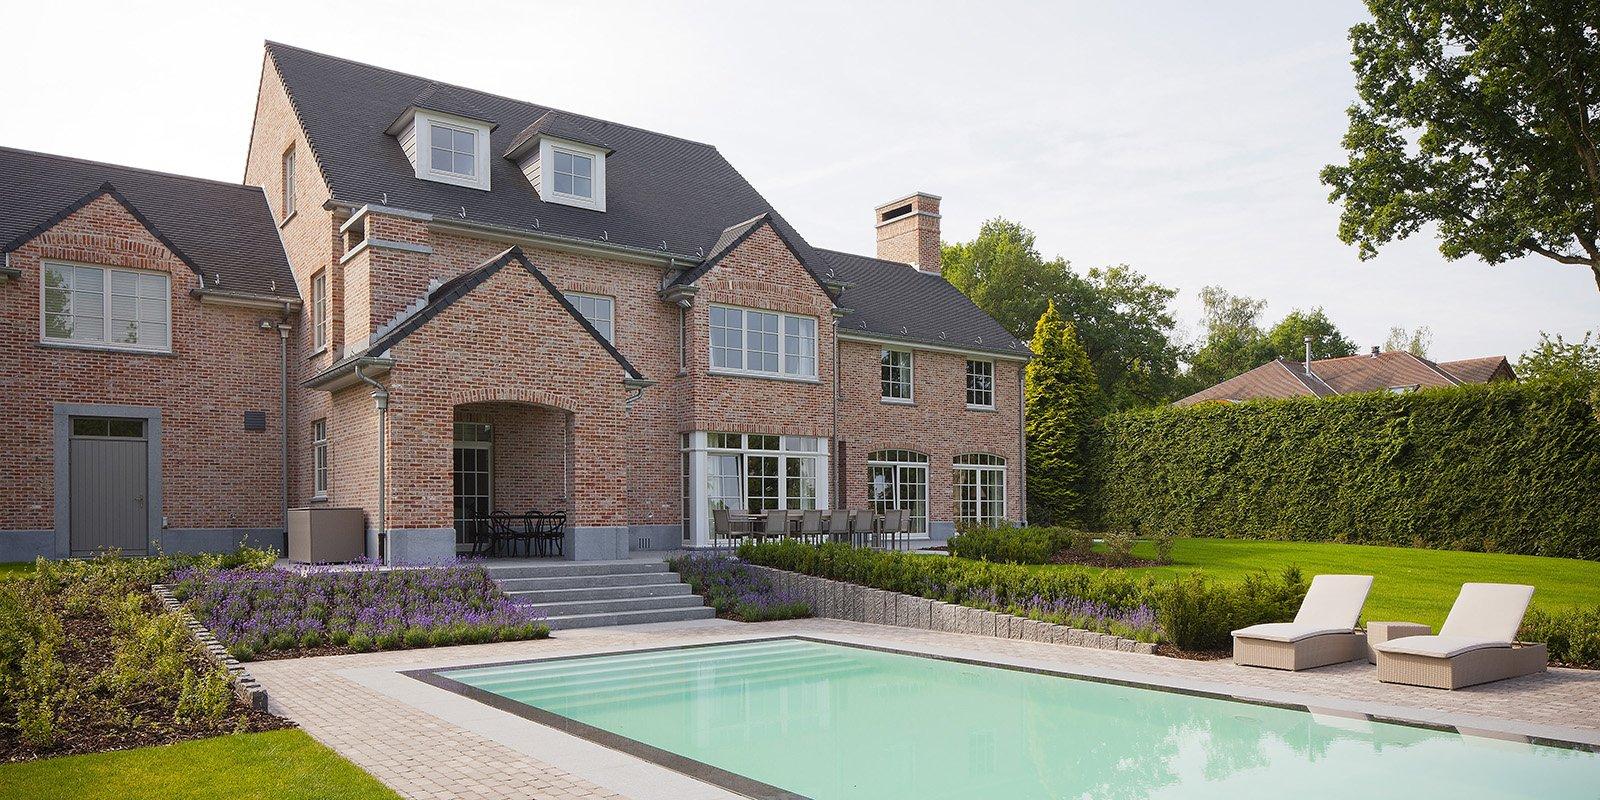 Woning in een landelijke stijl met een fijne afwerking, ontworpen door b+villas